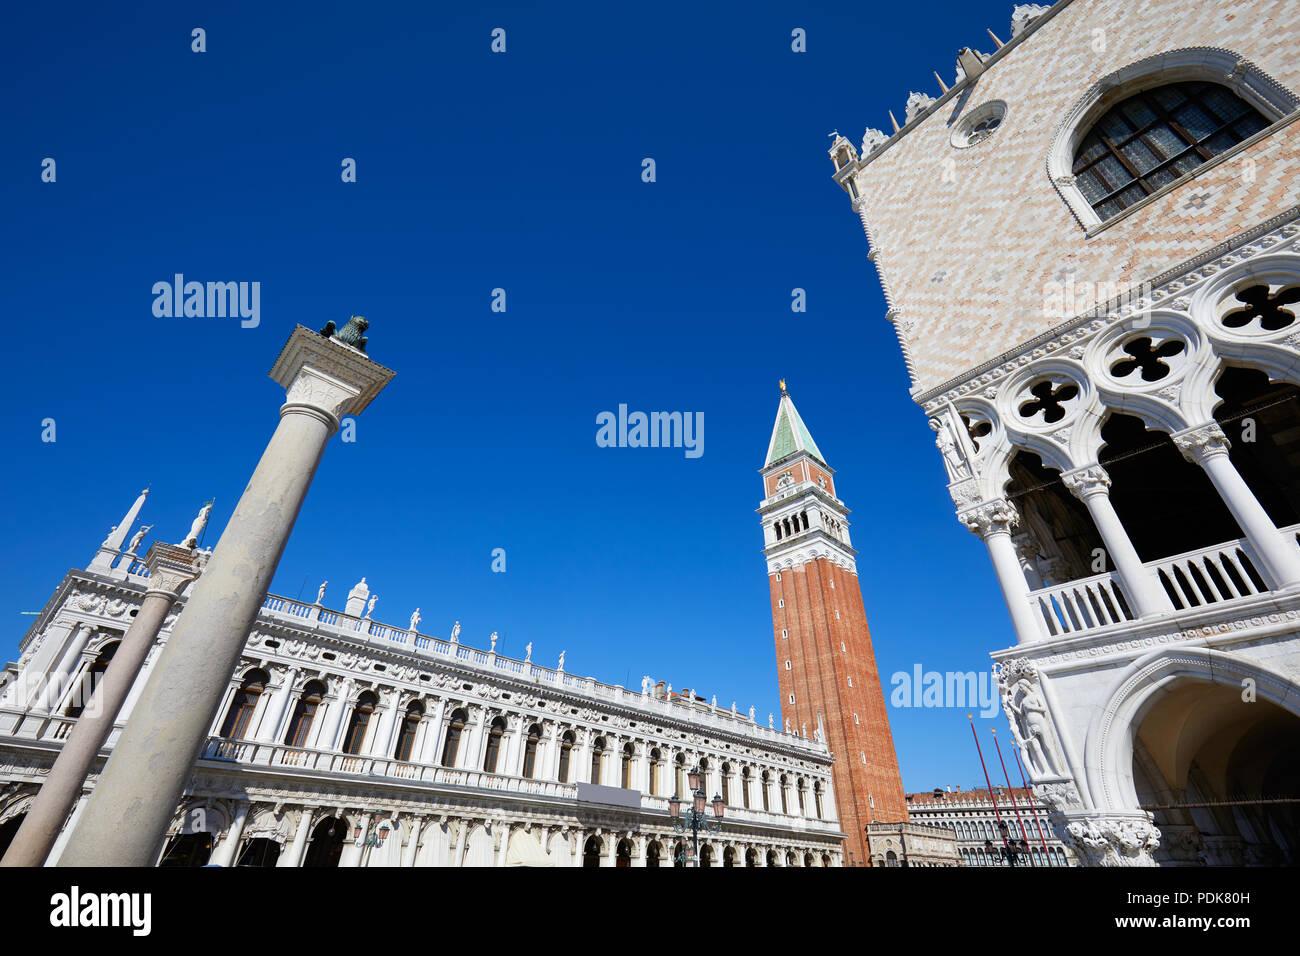 El campanario de San Marcos, la biblioteca Marciana Nacional y el palacio Doge bajo ángulo de visión, el azul claro del cielo en Venecia, Italia Imagen De Stock